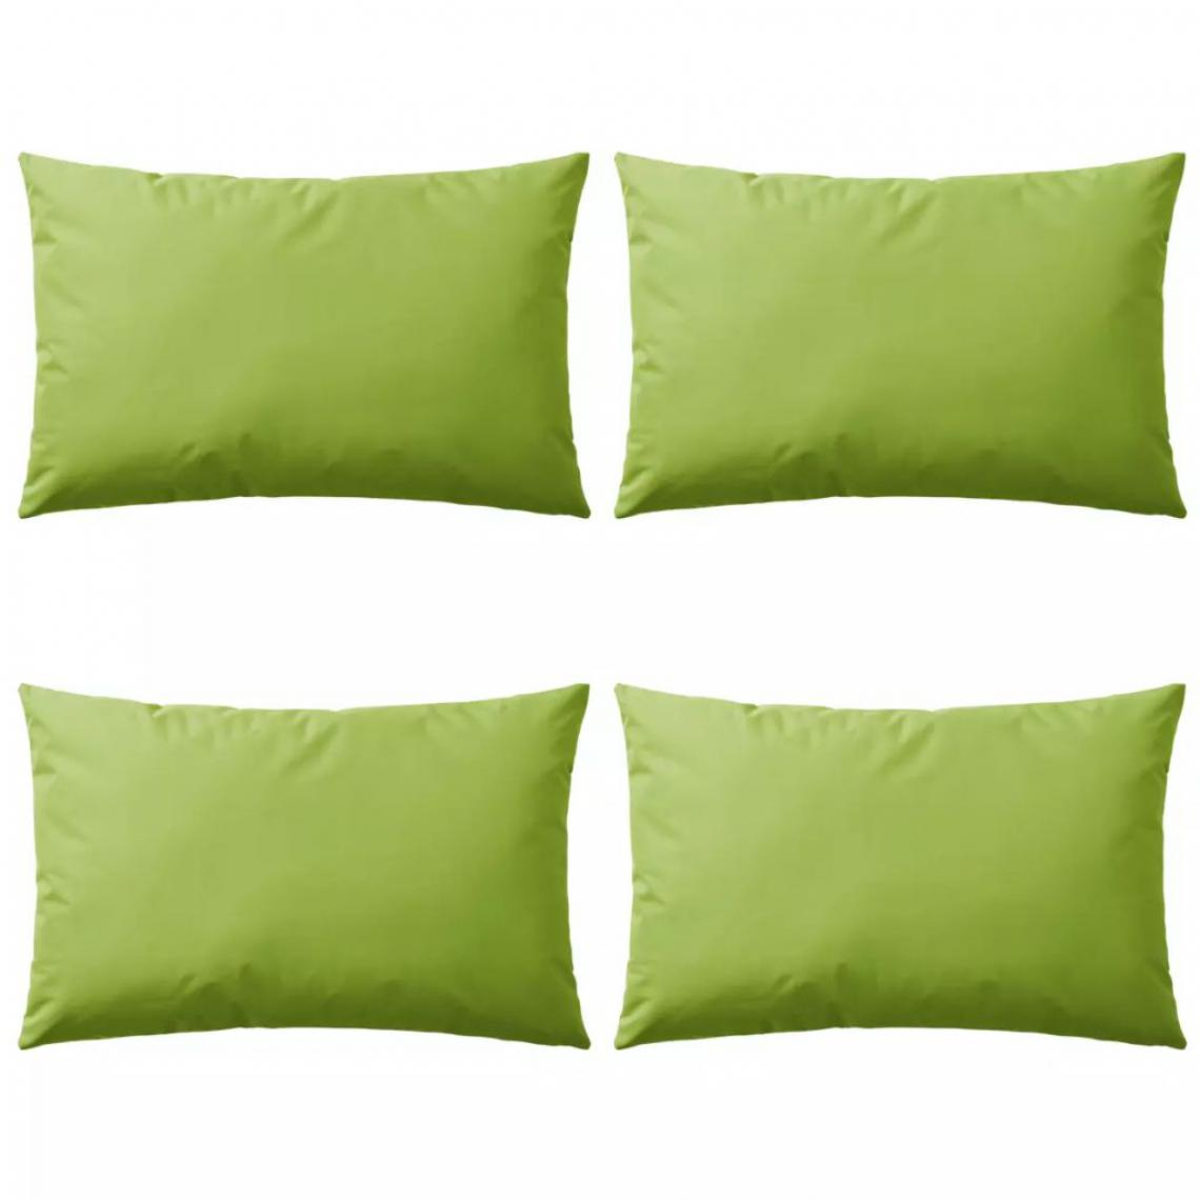 Decoshop26 Lot de 4 coussins oreiller pour extérieur décoration jardin 60 x 40 cm vert pomme DEC020093